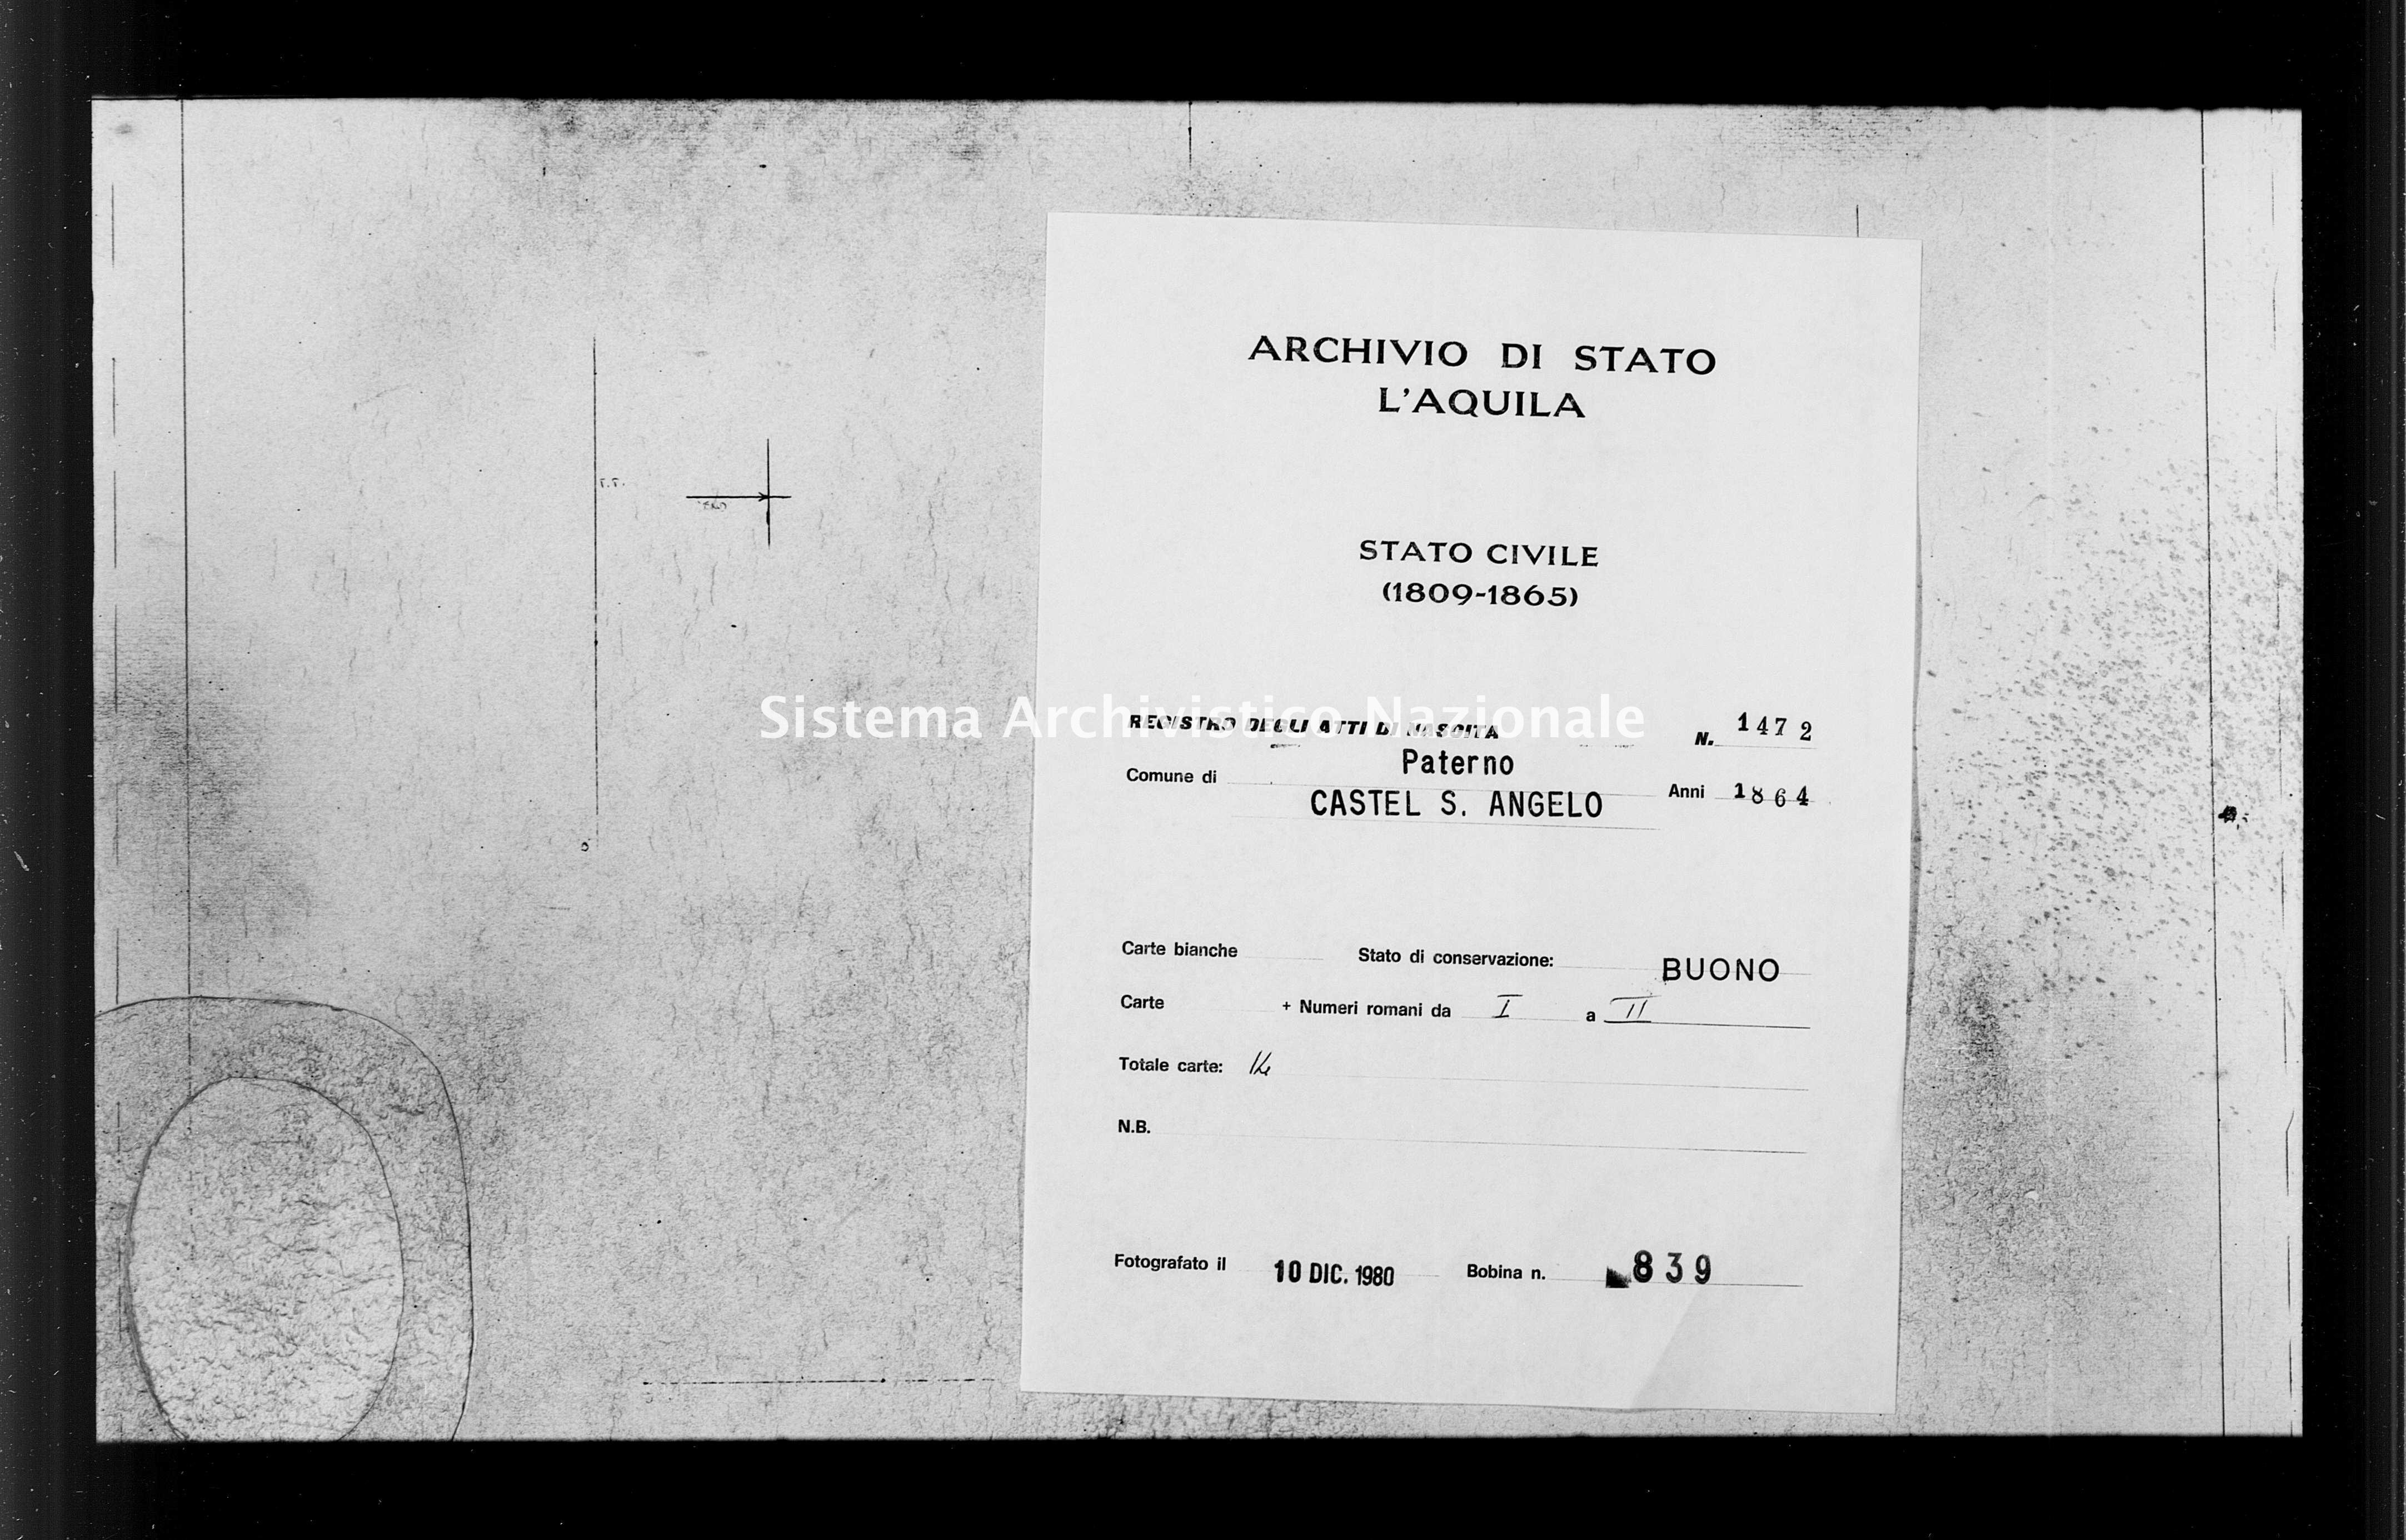 Archivio di stato di L'aquila - Stato civile italiano - Paterno - Nati - 1864 - 1472 -